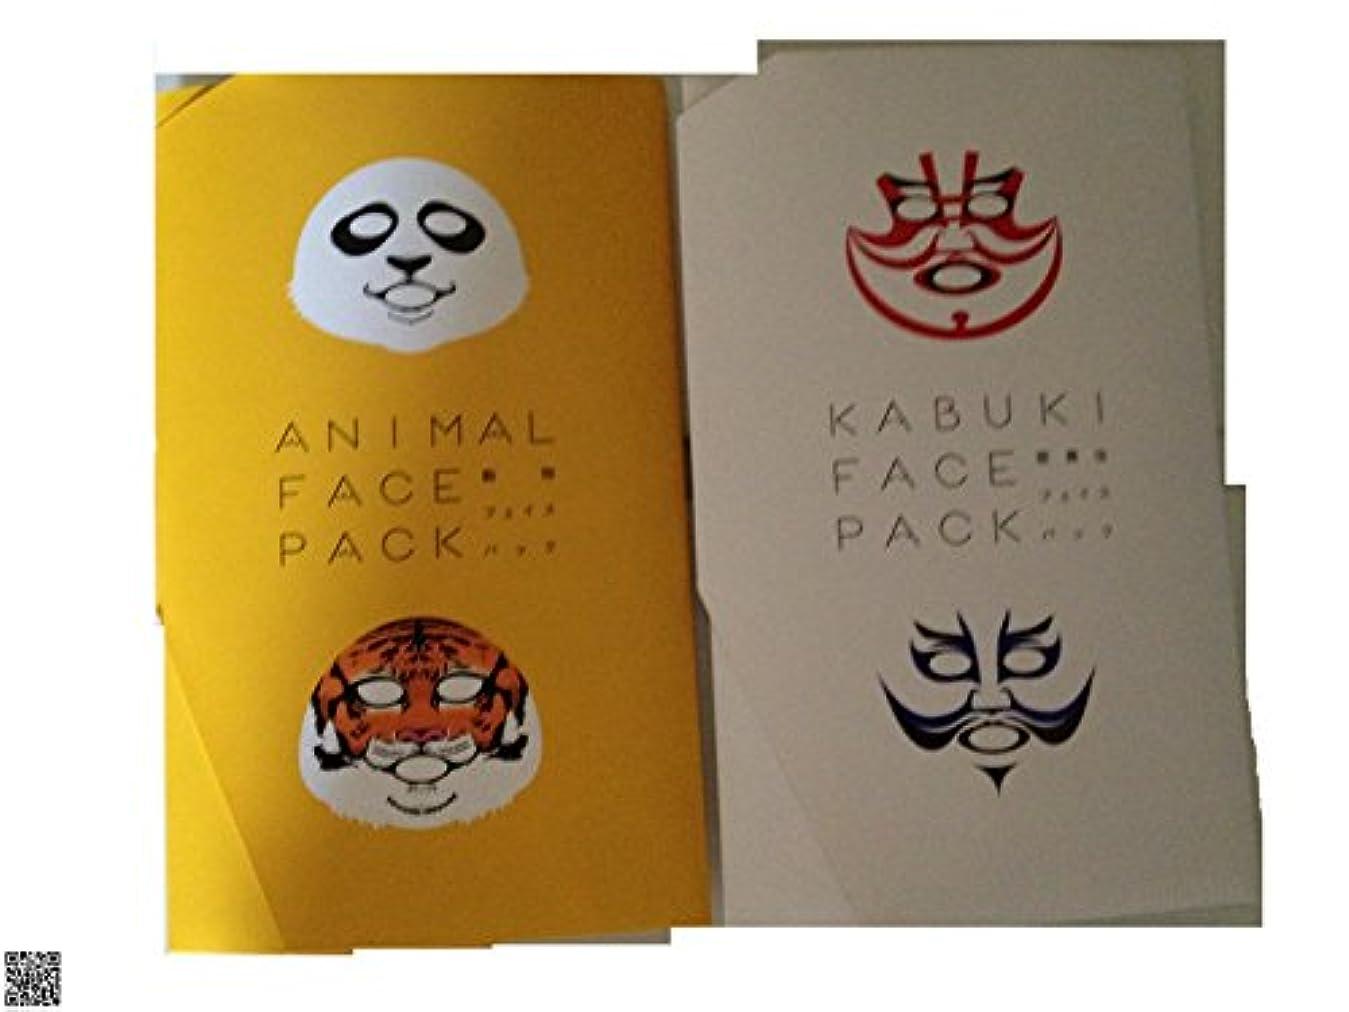 合金あたたかいネックレット歌舞伎フェイスパック&動物フェイスパック KABUKI FACE PACK&ANIMAL FACE PACK